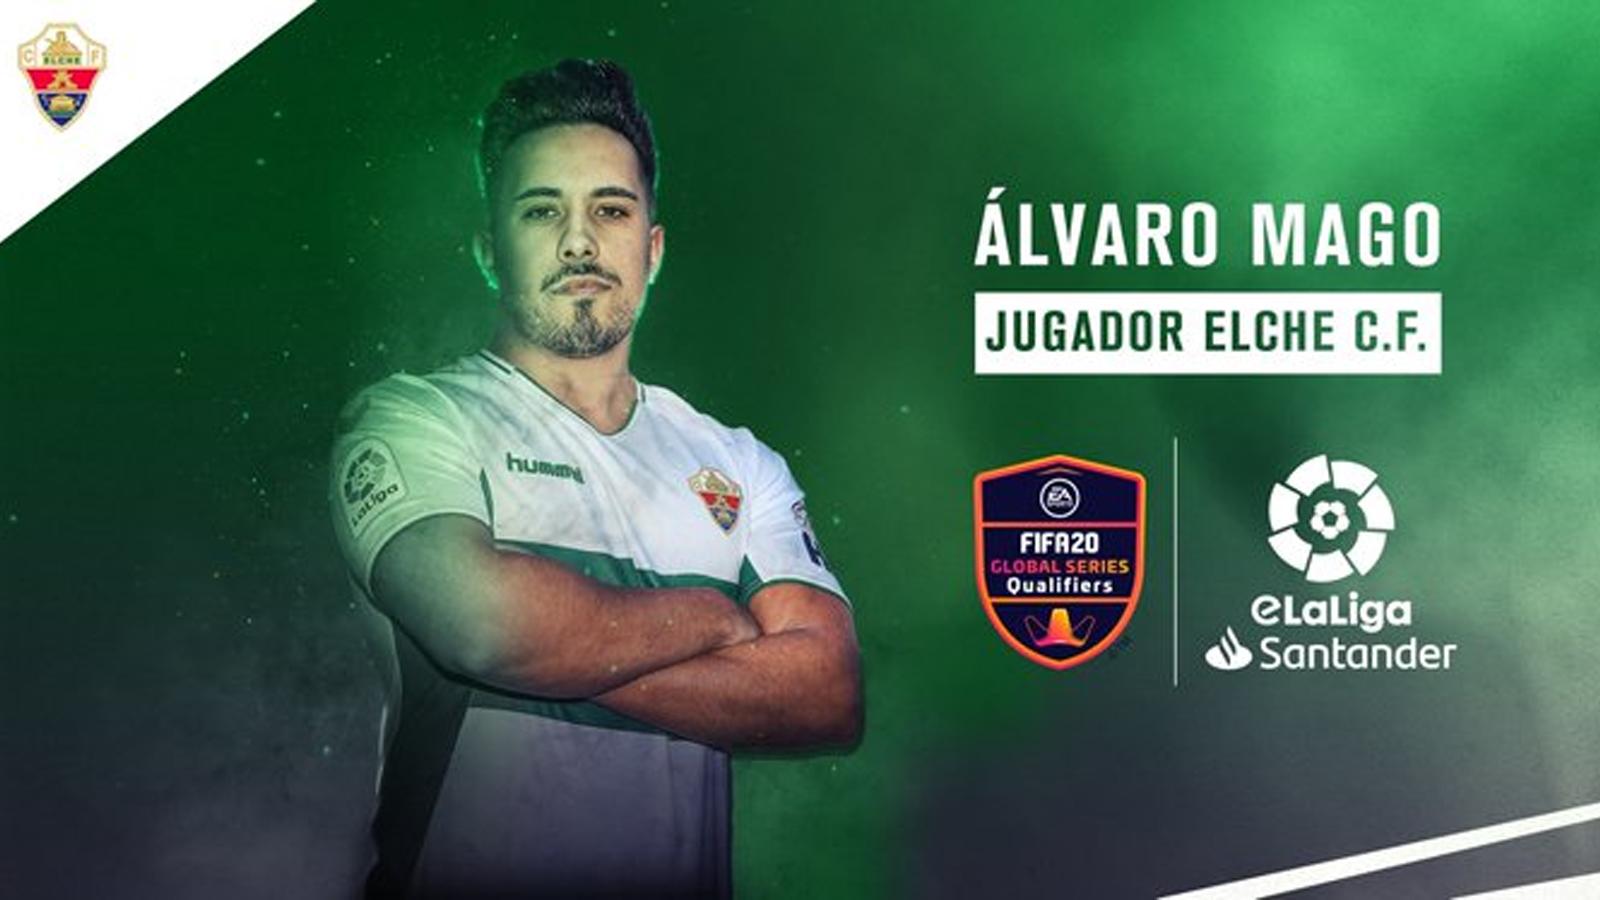 Elche C.F ficha a Álvaro Mago en FIFA 2020